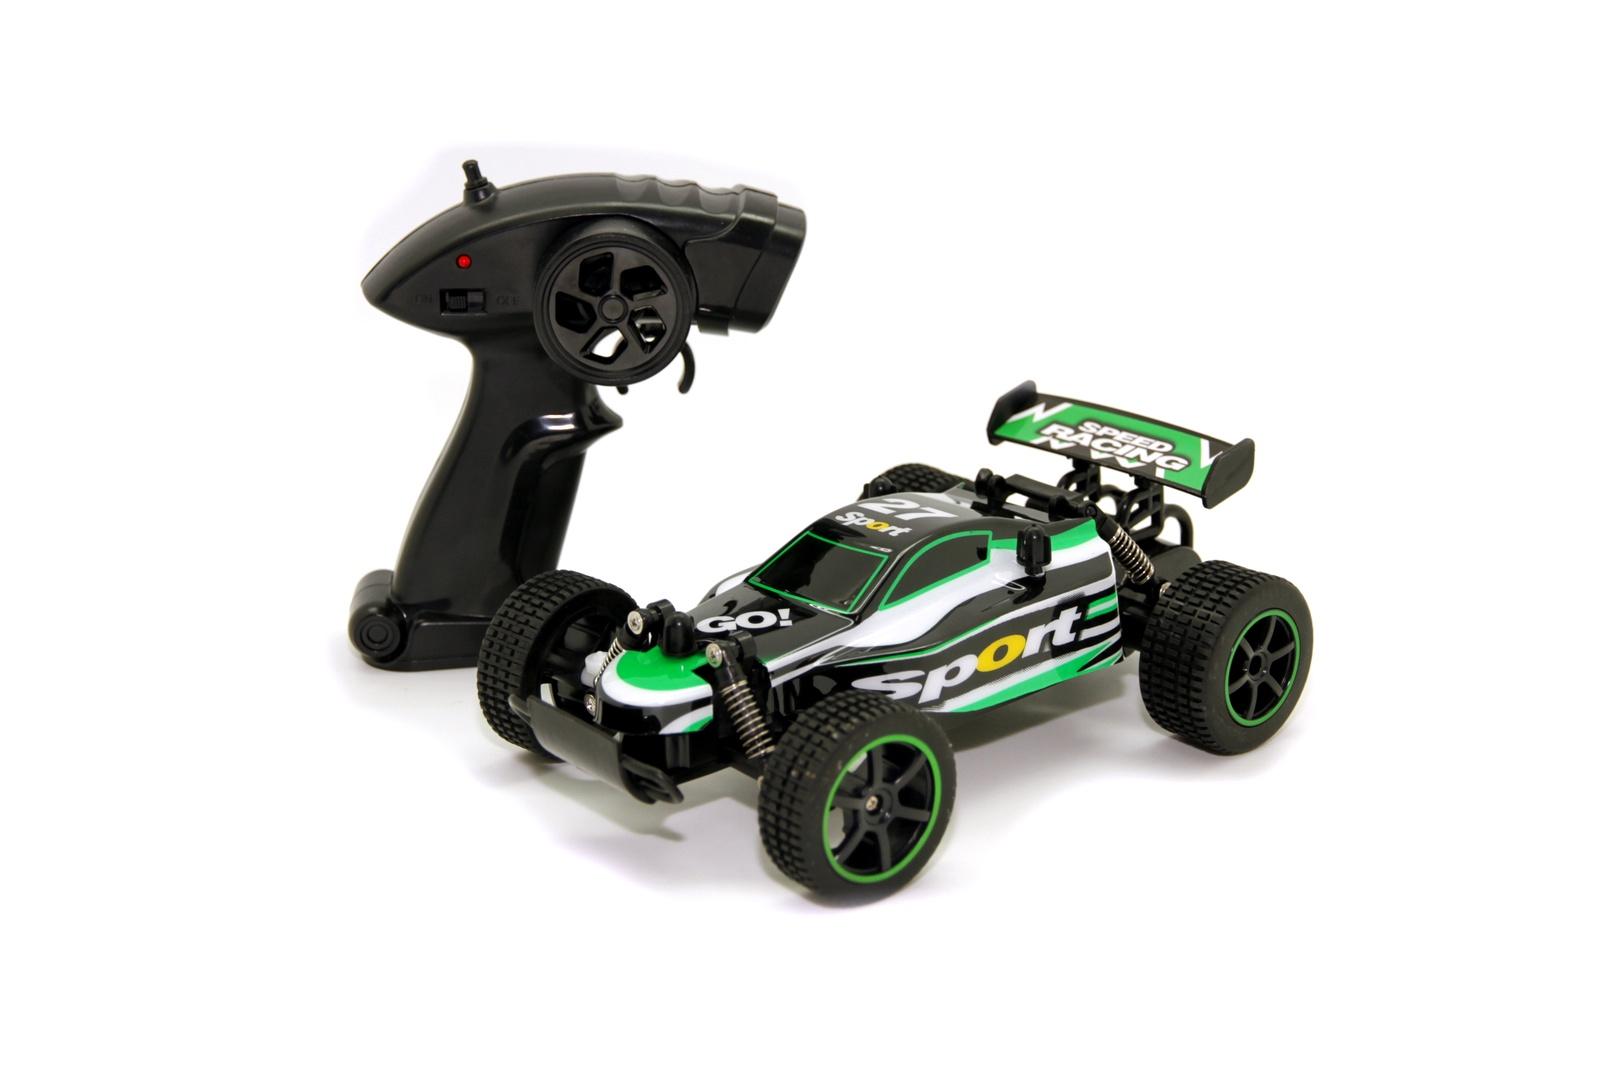 Машинка радиоуправляемая Balbi RCS-5201 G, A0G1082915 зеленый, черный автомобиль balbi автомобиль черный от 5 лет пластик металл rcs 2401 a